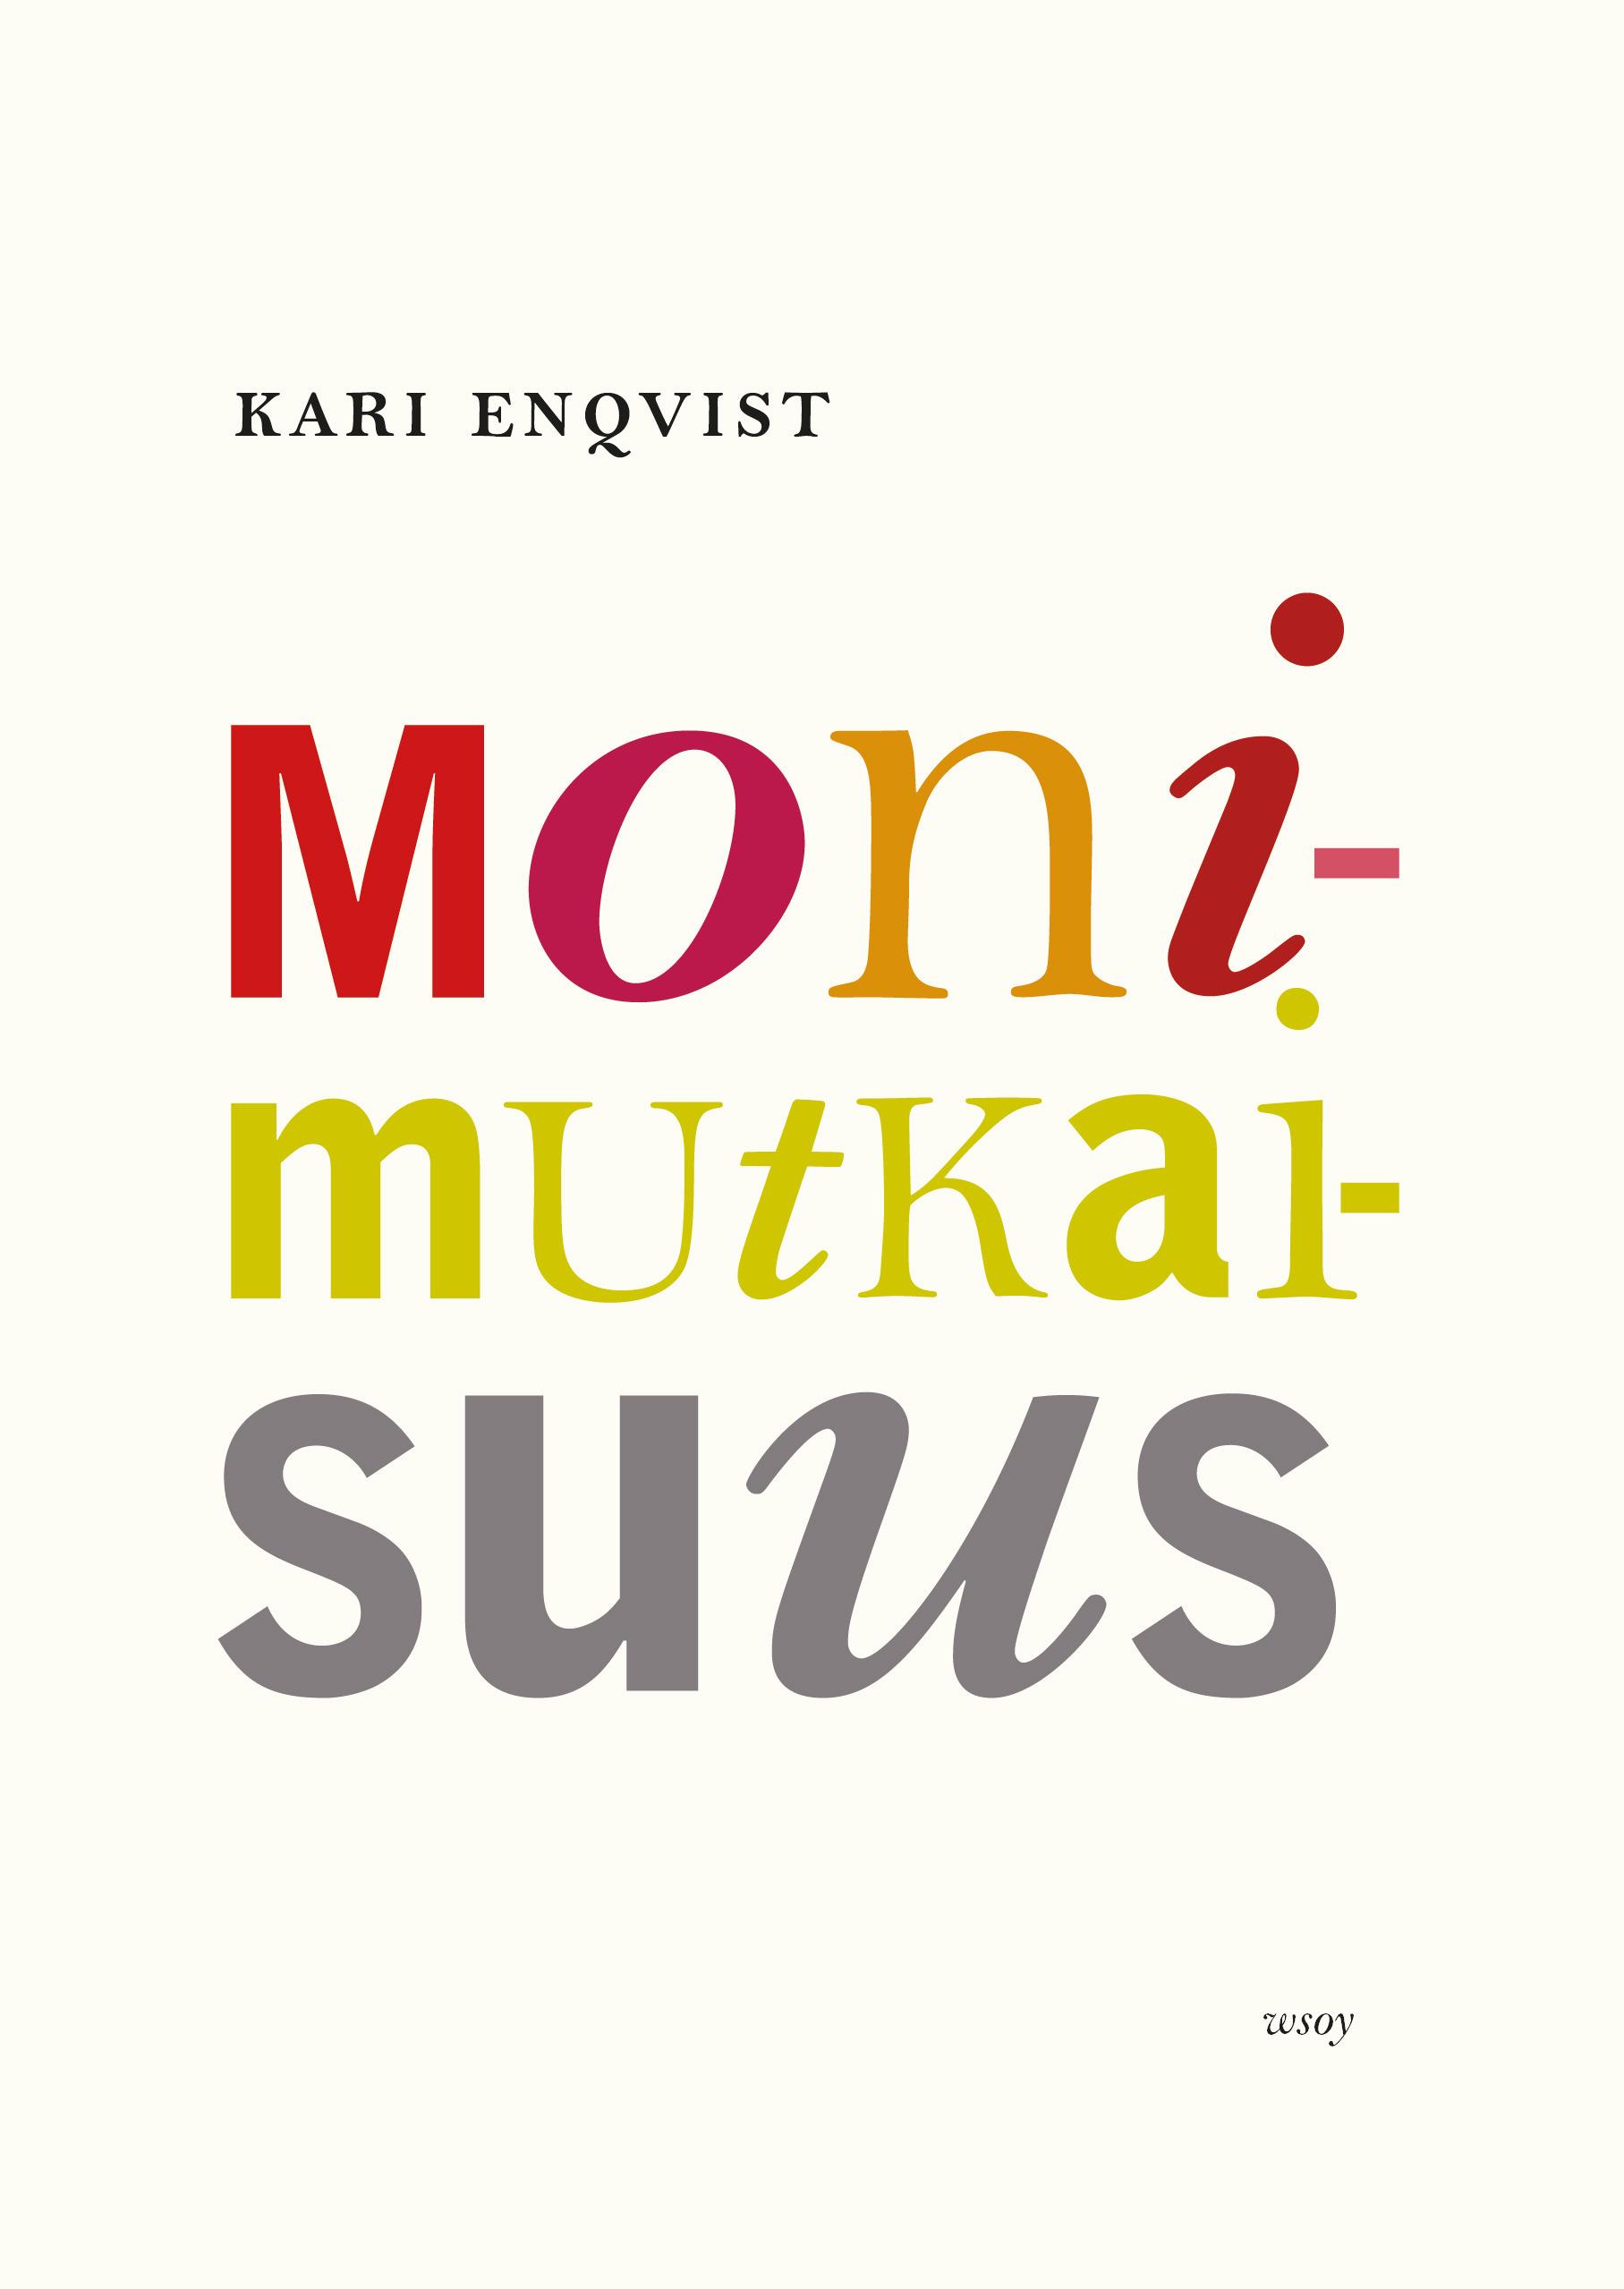 Enqvist, Kari - Monimutkaisuus: elävän olemassaolomme perusta, ebook